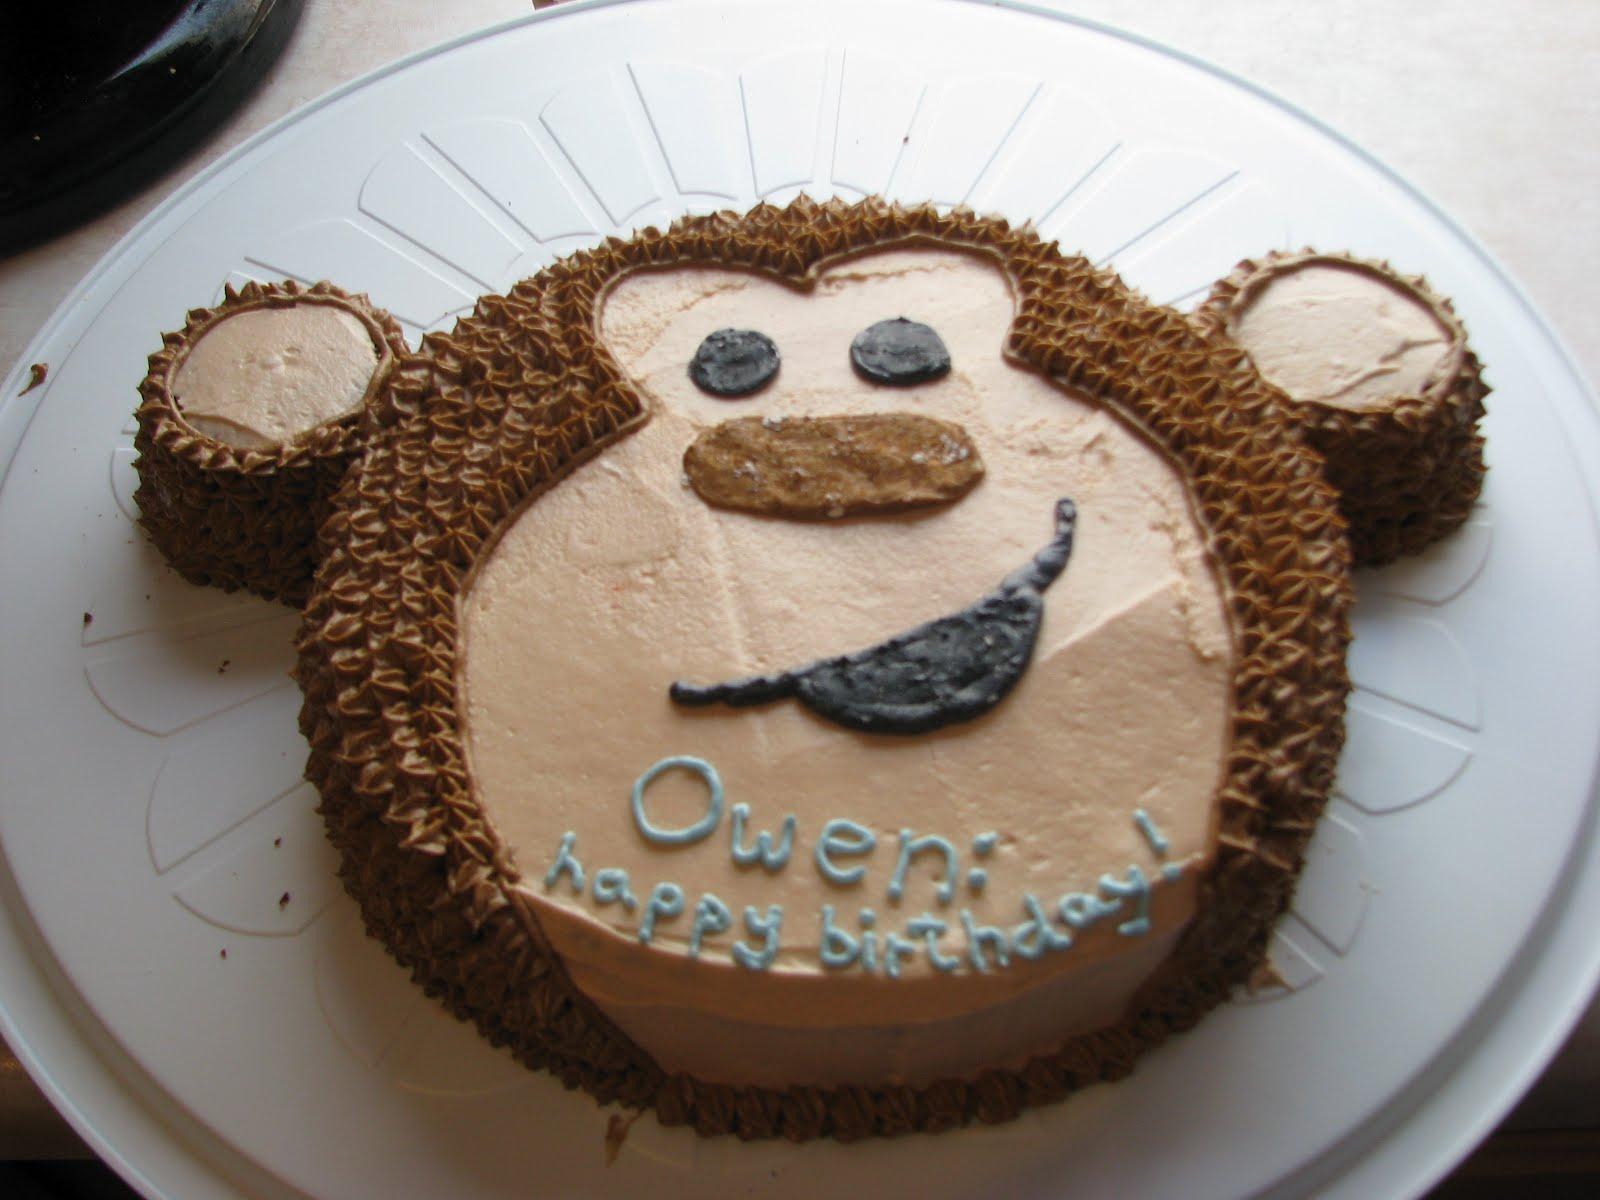 Smitten Kitchen Birthday Cake Review